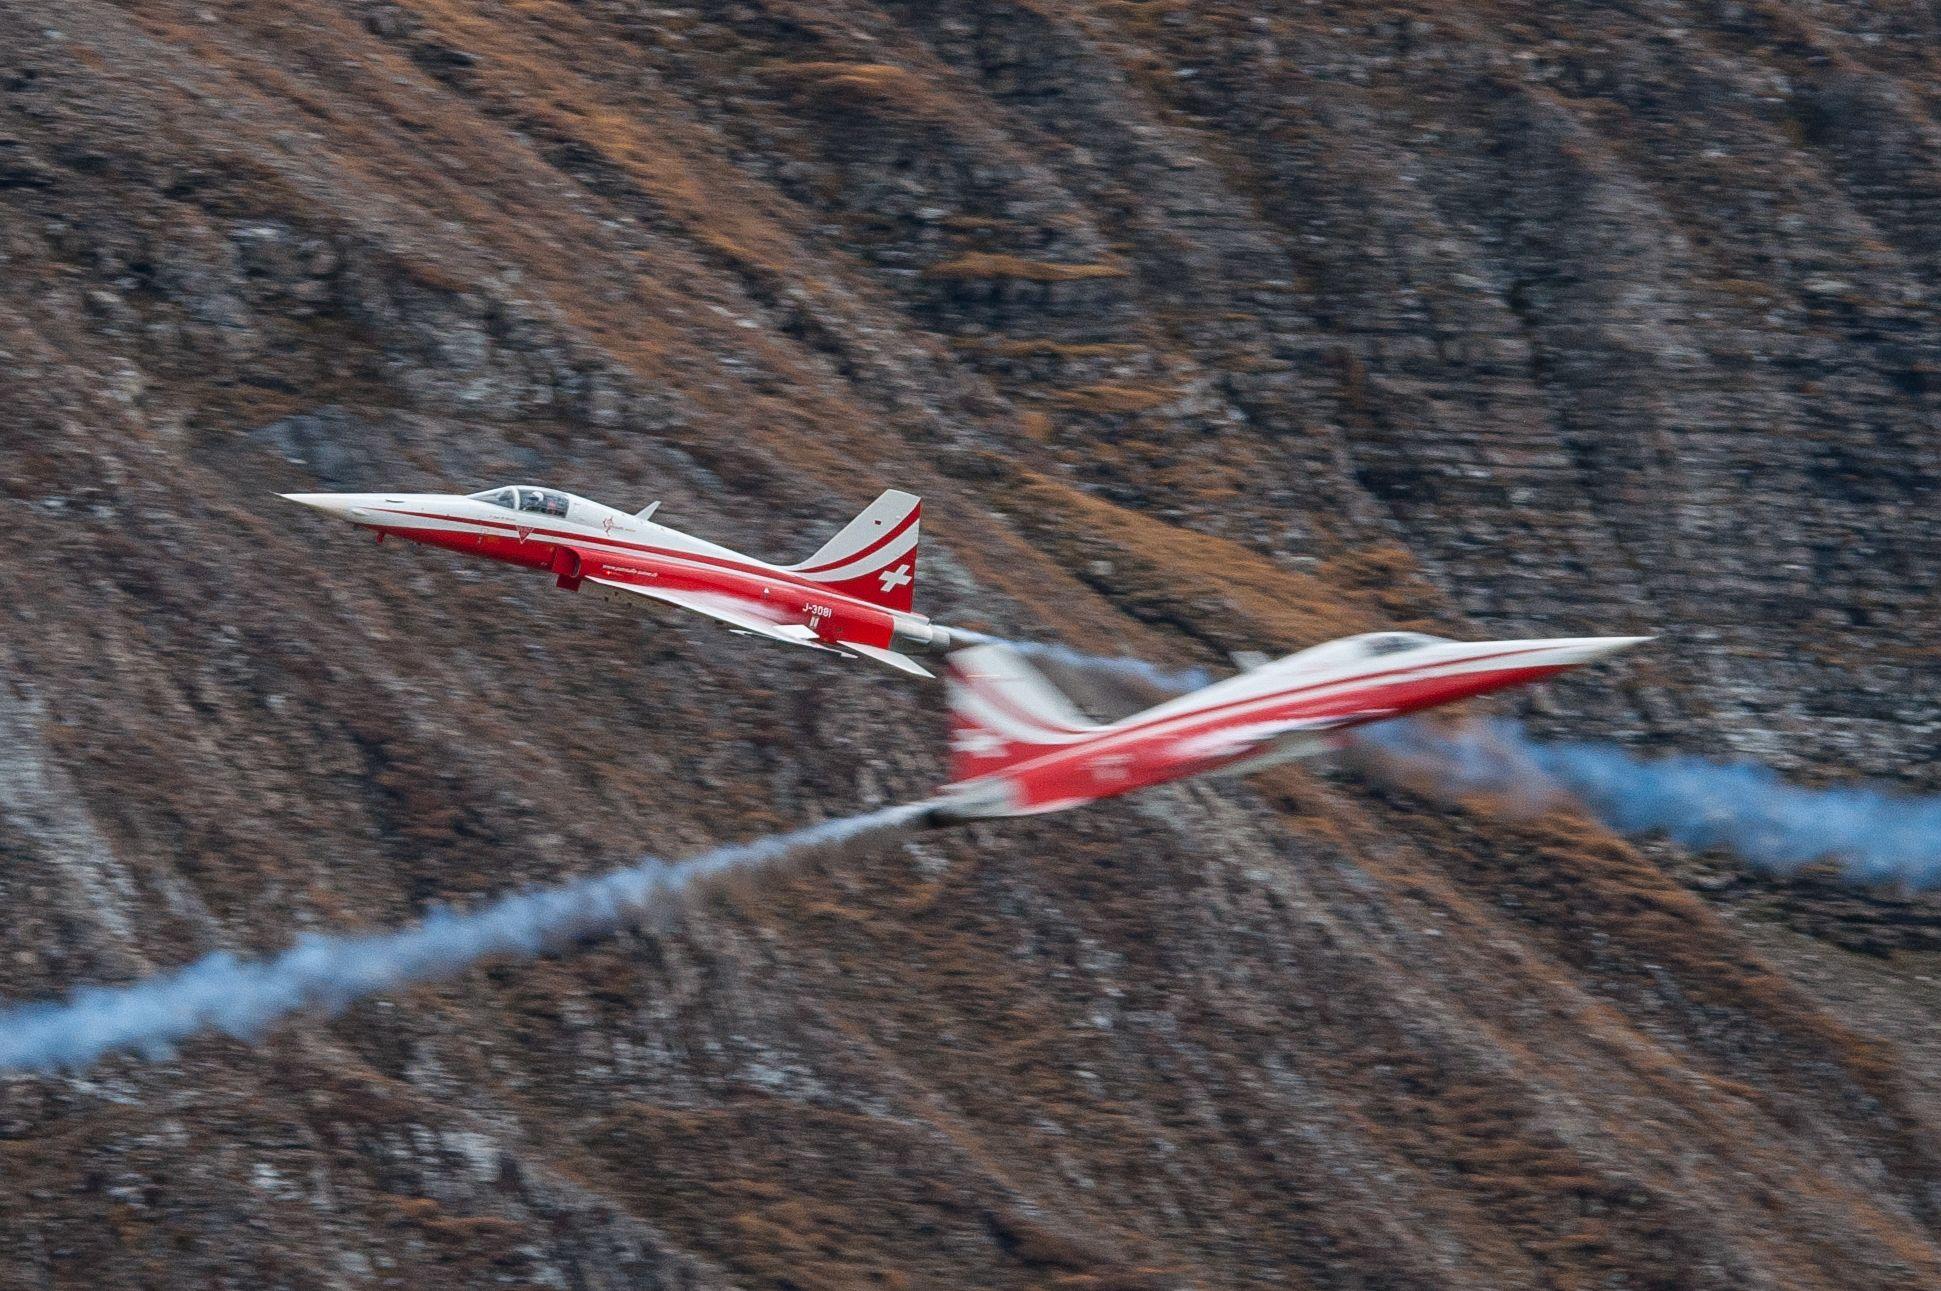 Air force live fire event Axalp 2012 - 10-11 Oct 2012 - Pagina 2 0001111